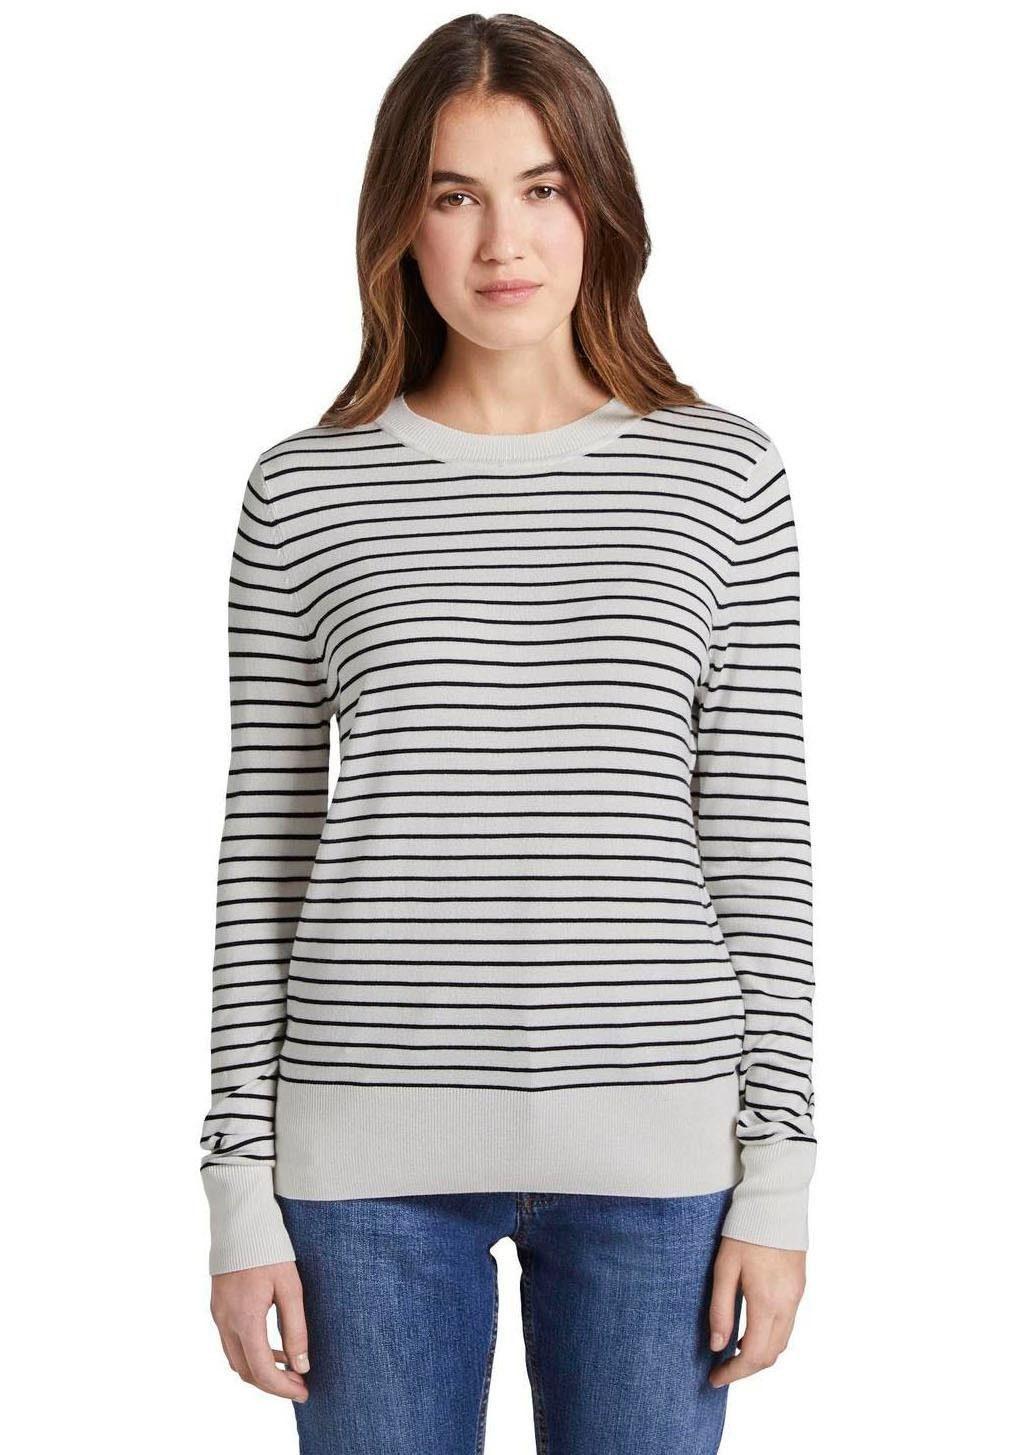 TOM TAILOR Denim Streifenpullover | Bekleidung > Pullover > Streifenpullover | Tom Tailor Denim